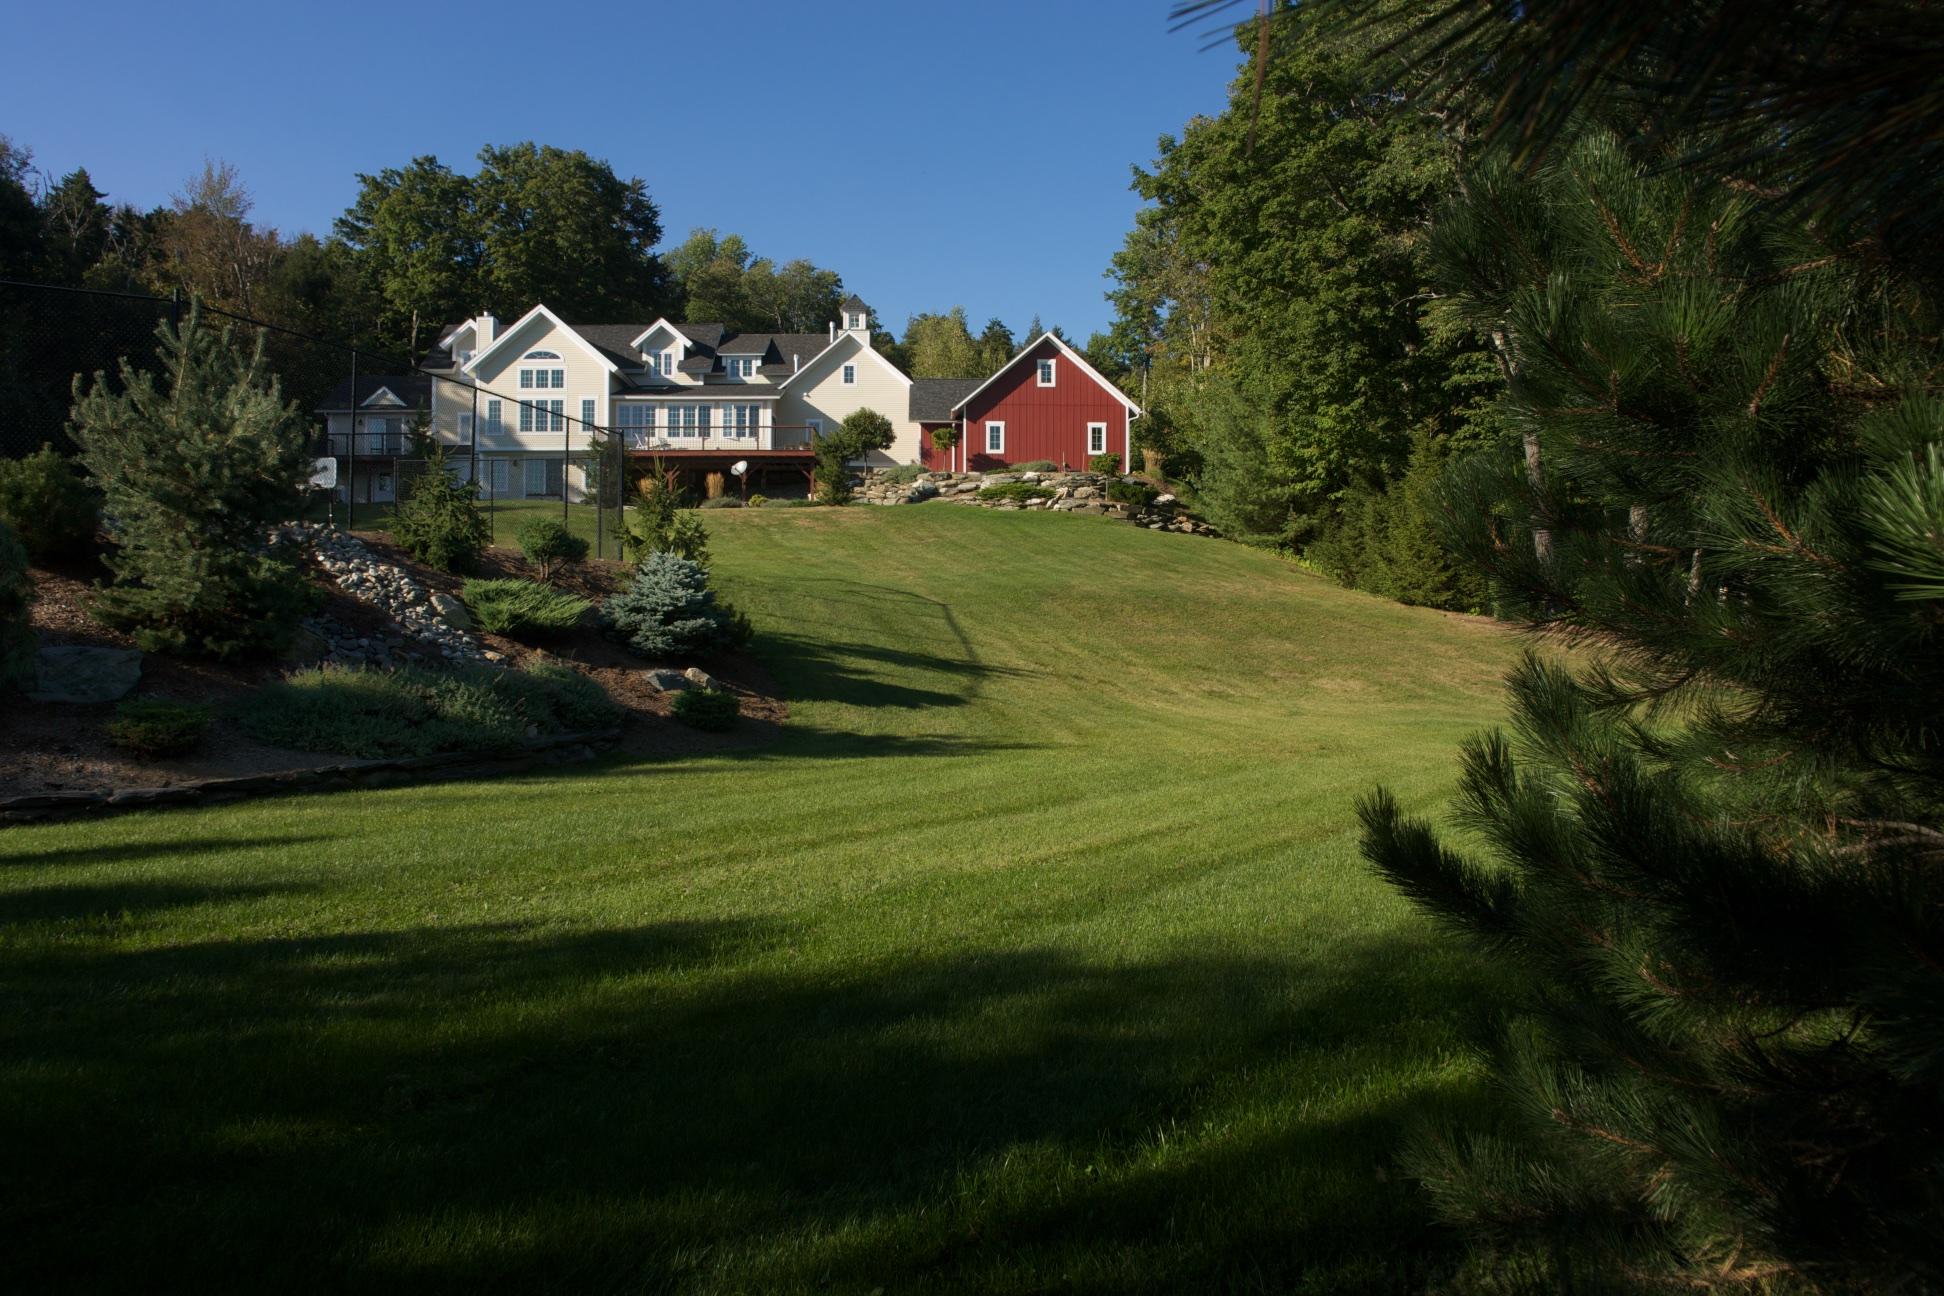 Villa per Vendita alle ore 534 Fayston Farm Rd, Fayston Fayston, Vermont 05673 Stati Uniti